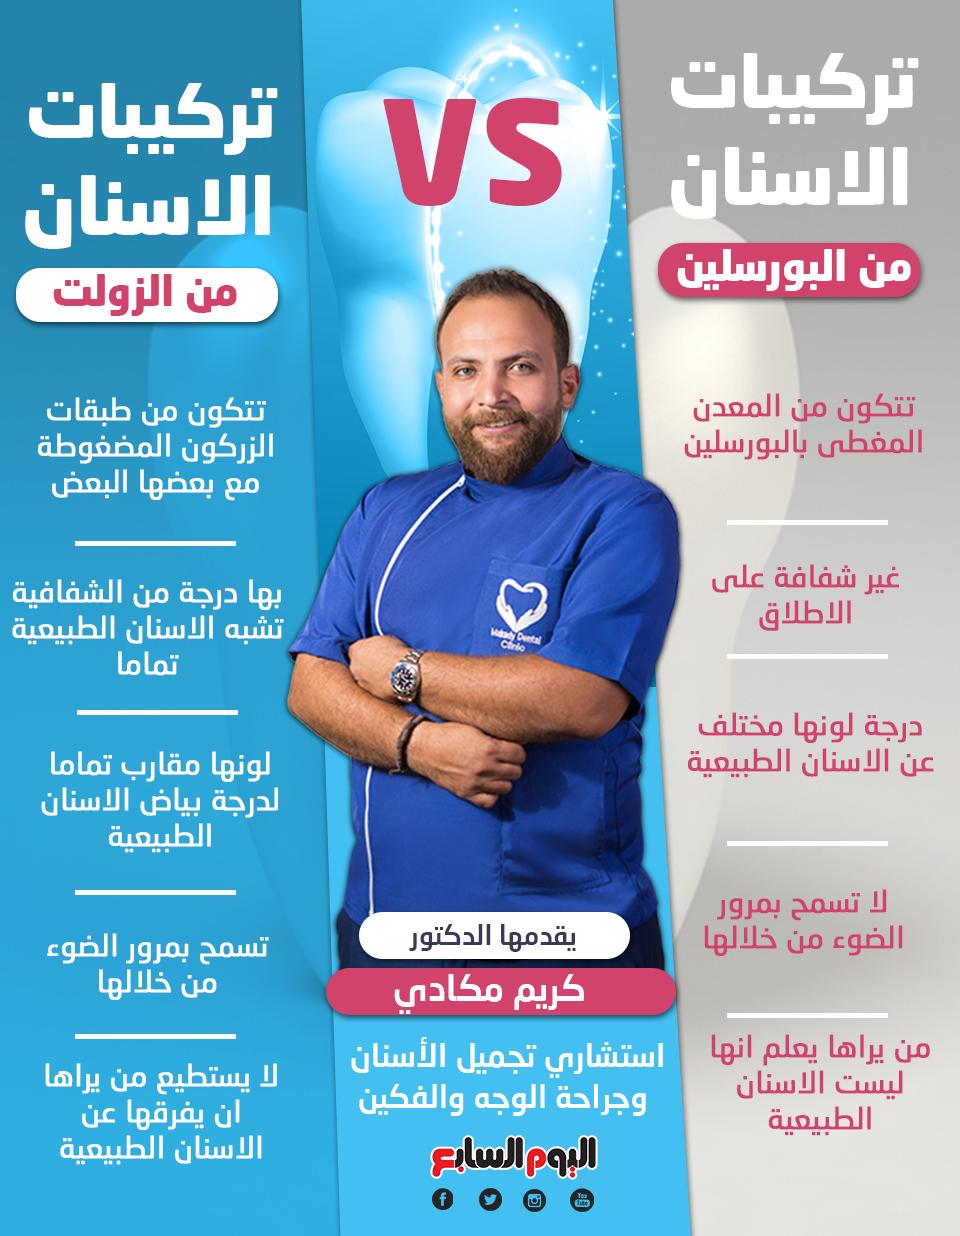 تركيبات الاسنان من البورسلين vs تركيبات الاسنان من الزولت